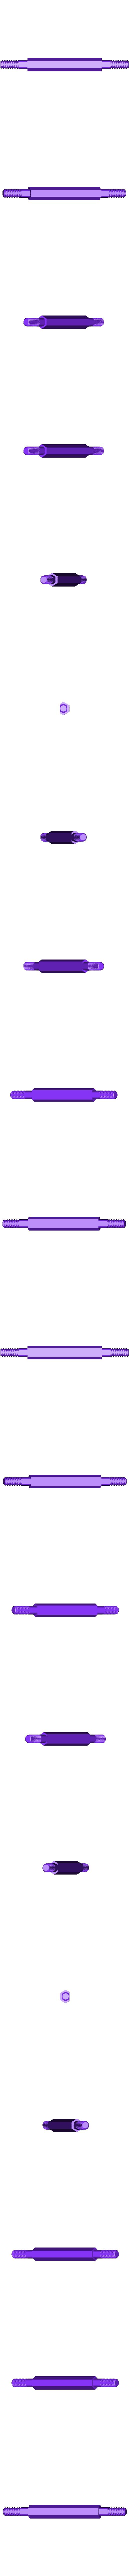 Bar Printed v2.stl Télécharger fichier STL gratuit LiftPod - Support pliable multifonctionnel • Objet à imprimer en 3D, HeyVye